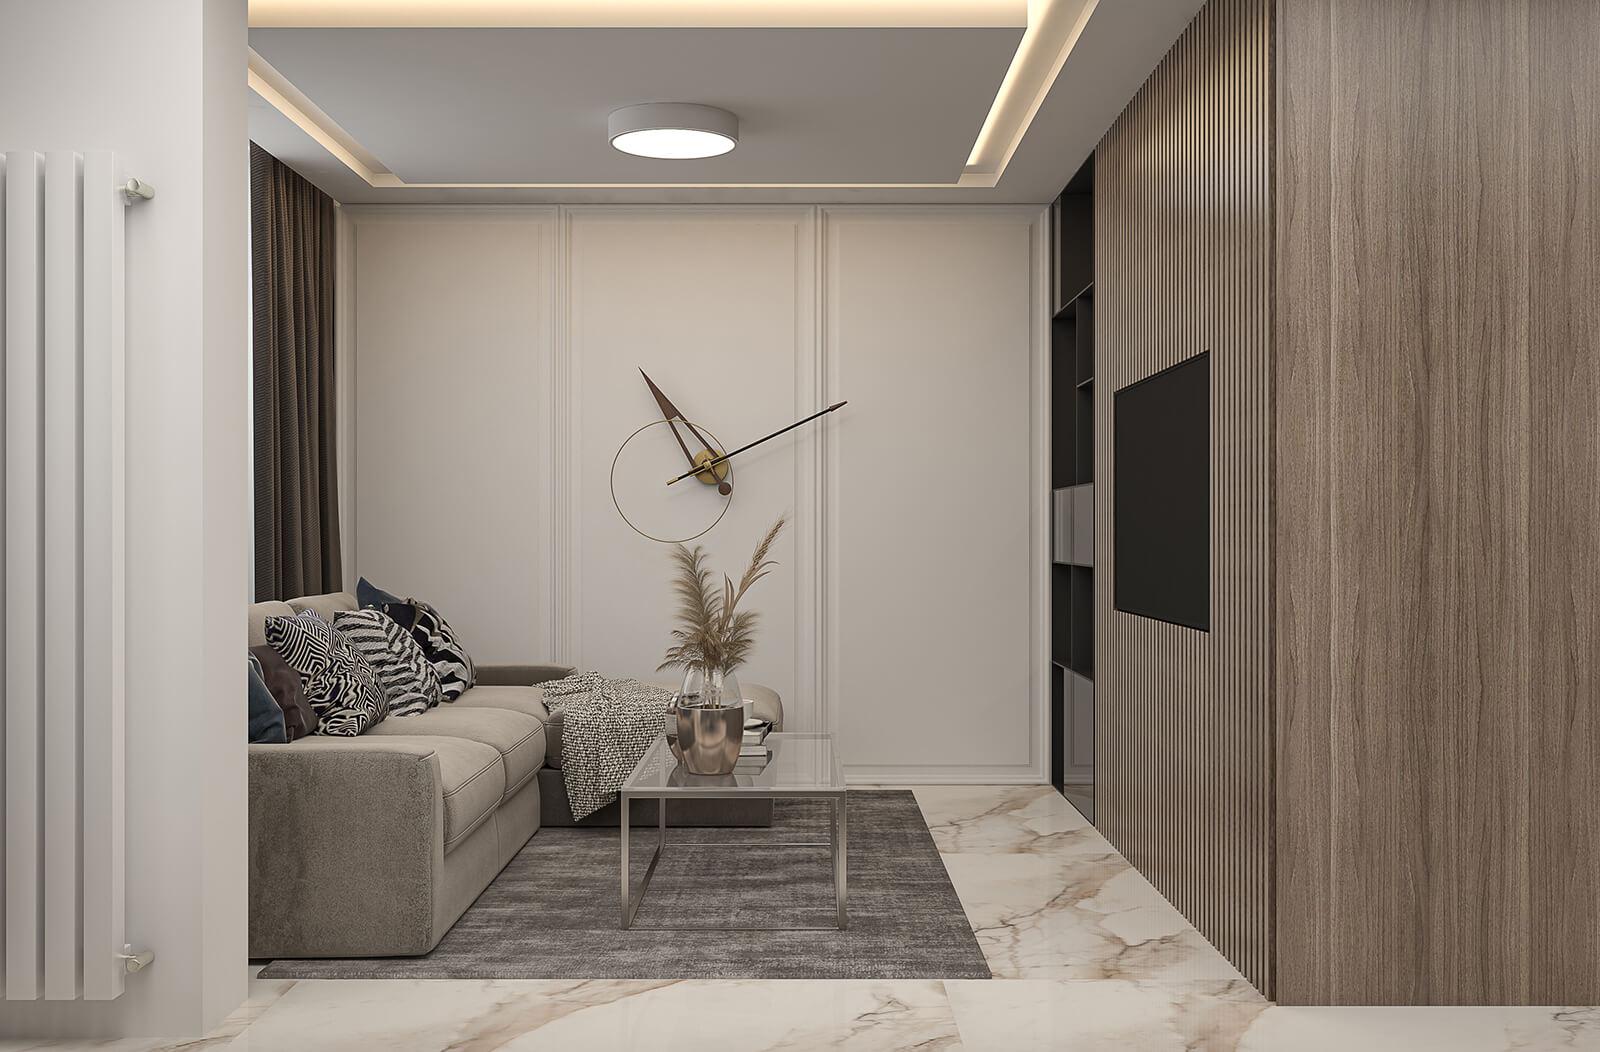 interioren-dizain-proekt-na-vsekidnevna-v-moderen-stil-proekt-nox